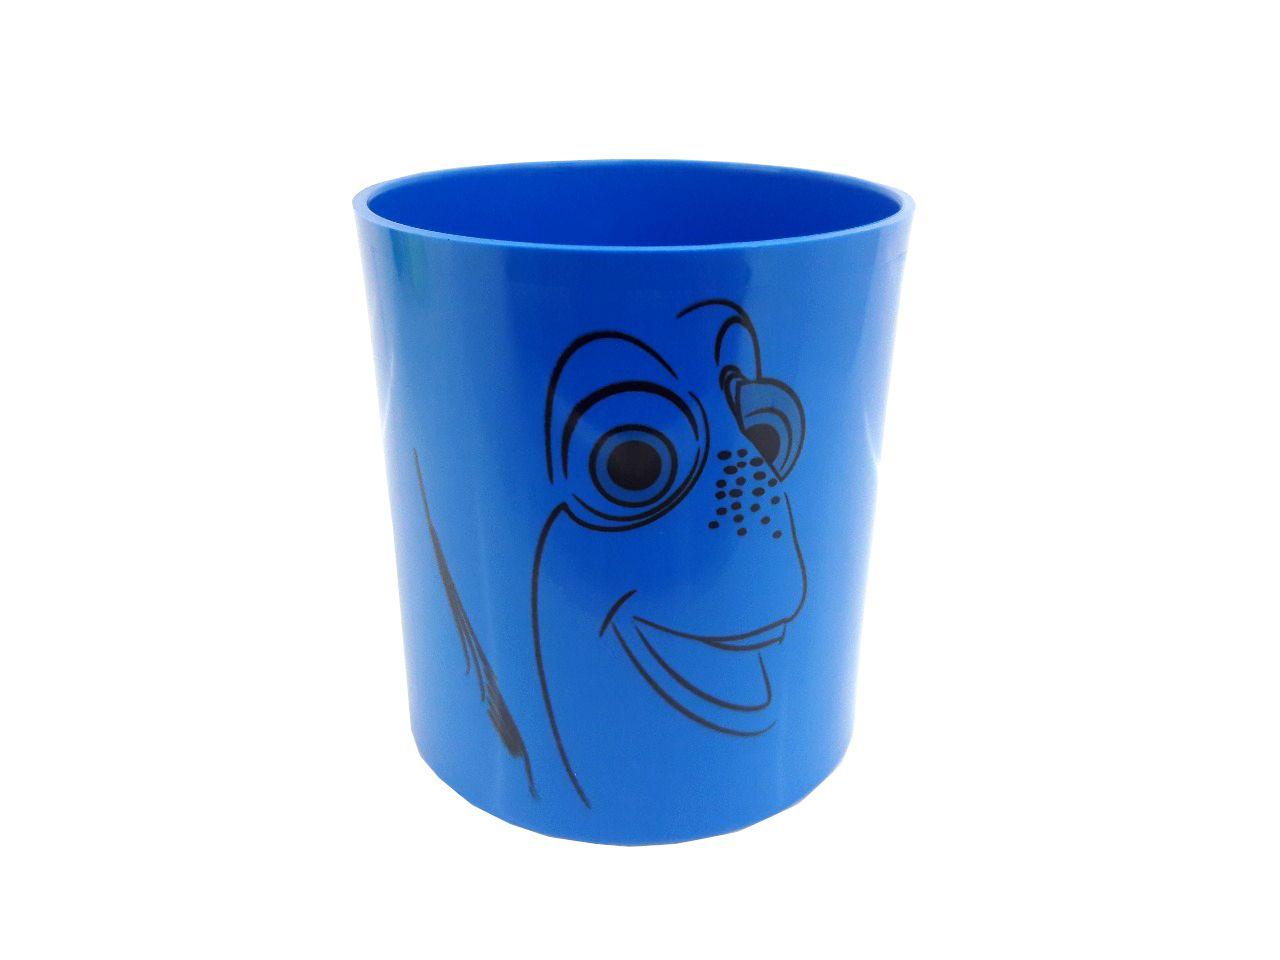 Copo Plástico Colorido - azul royal